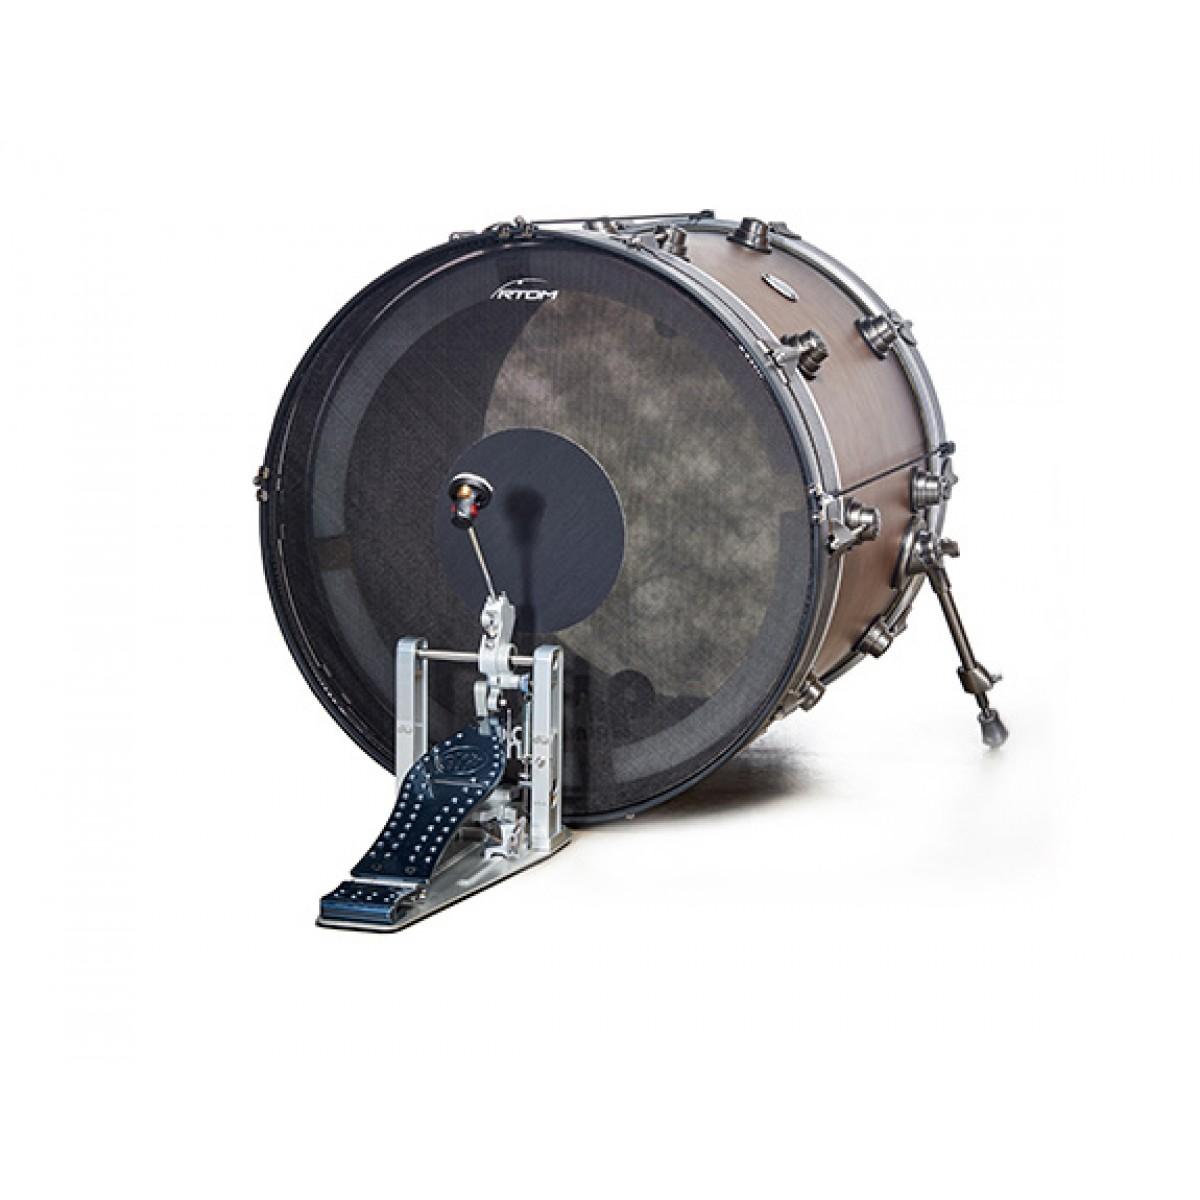 rtom black hole 20 bass drum practice pad blkhol20. Black Bedroom Furniture Sets. Home Design Ideas